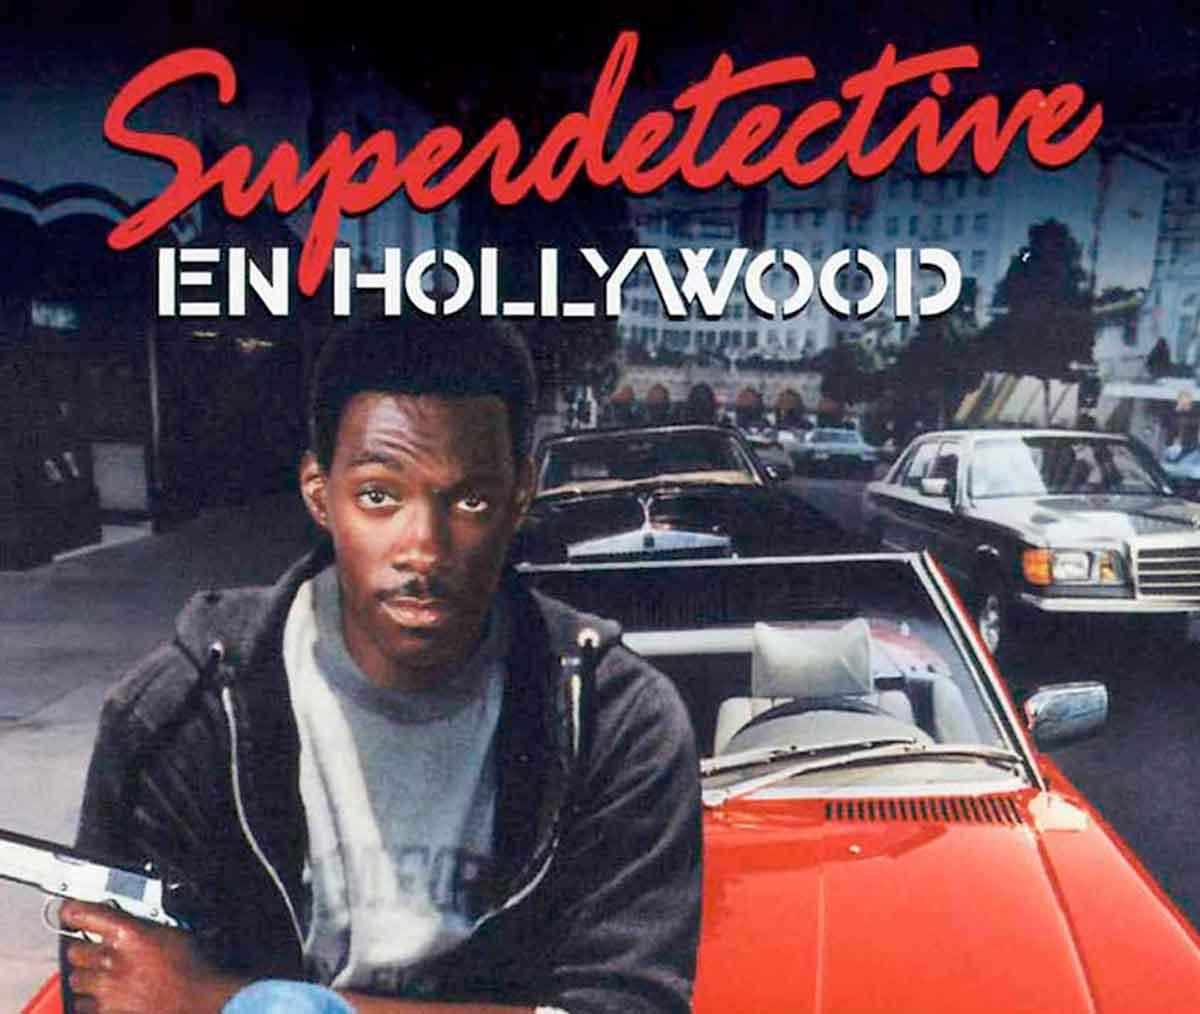 Superdetective en Hollywood 4 es la siguiente película de Eddie Murphy